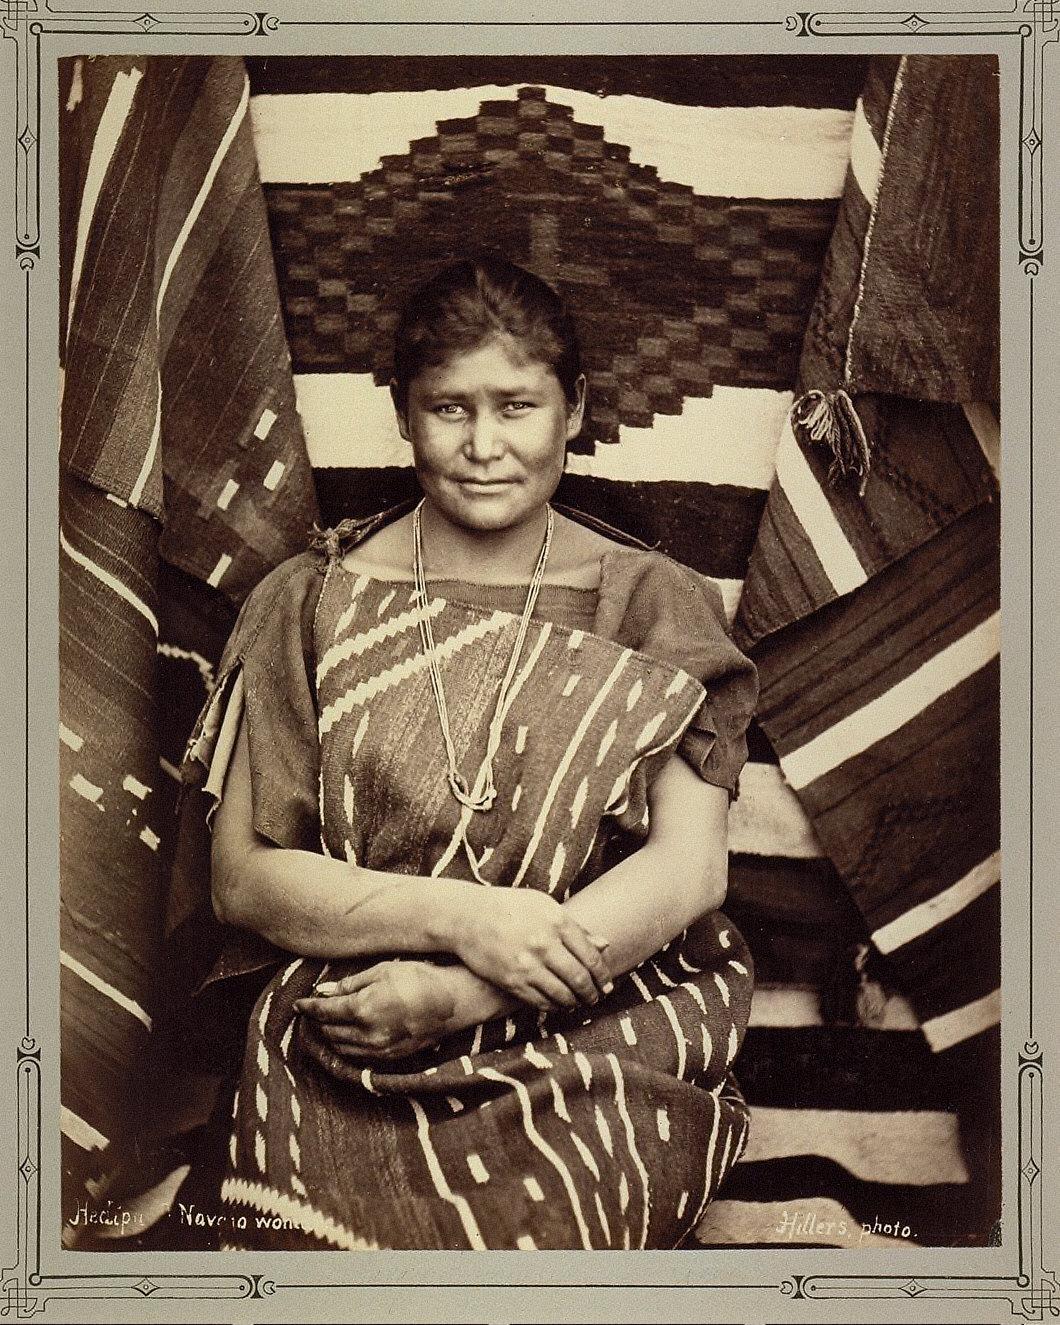 Hedipa, a Navajo Woman